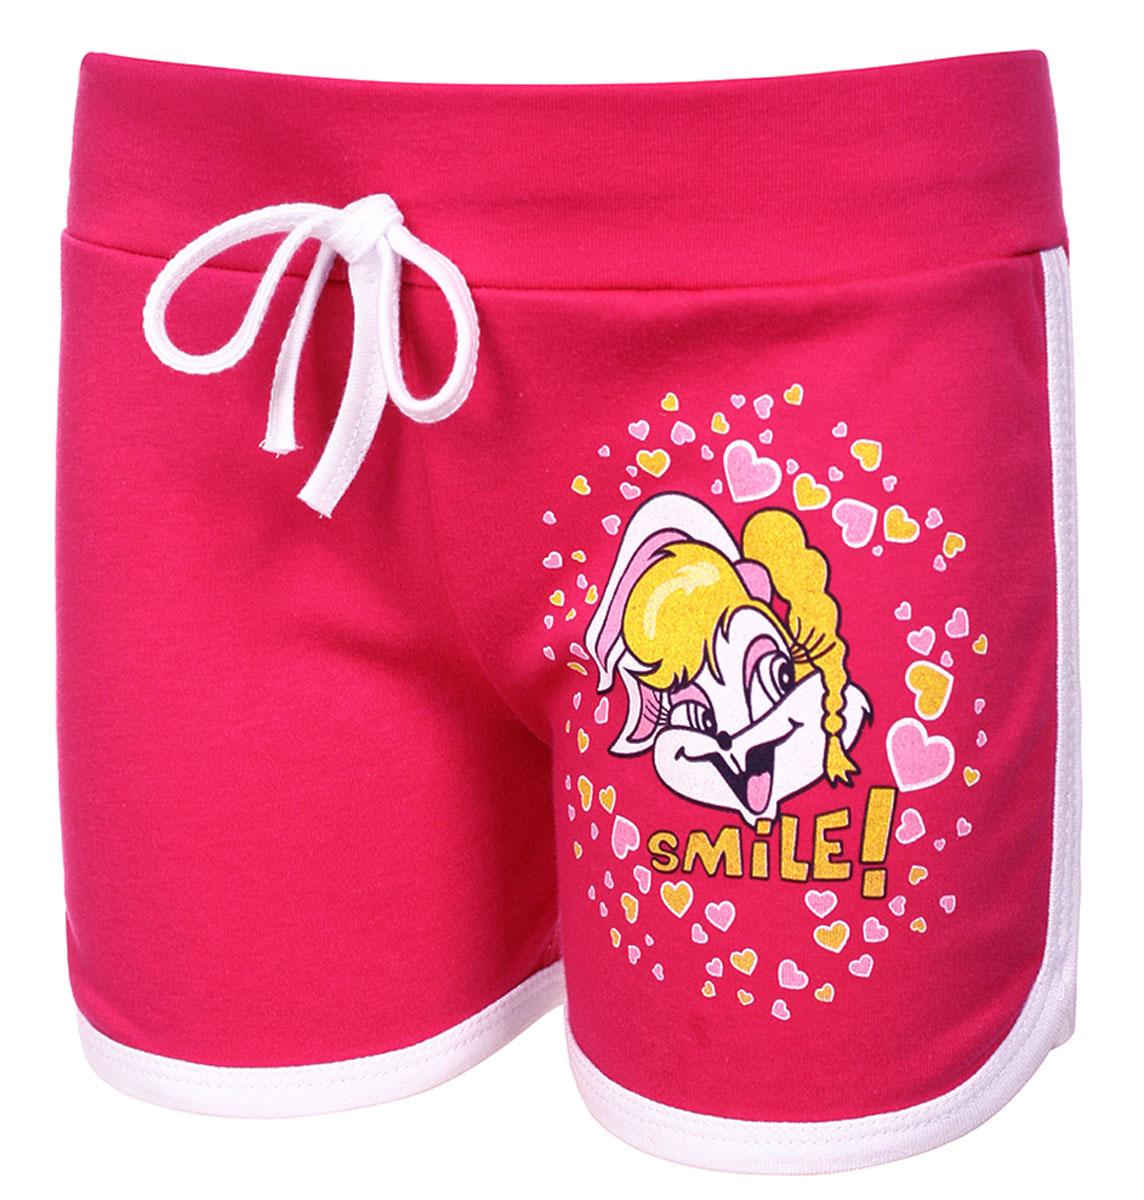 Шорты для девочки M&D, цвет: малиновый. М37006. Размер 98М37006Шорты для девочки от M&D выполнены из натурального хлопка. Эластичные пояс на талии дополнен затягивающимся шнурком.